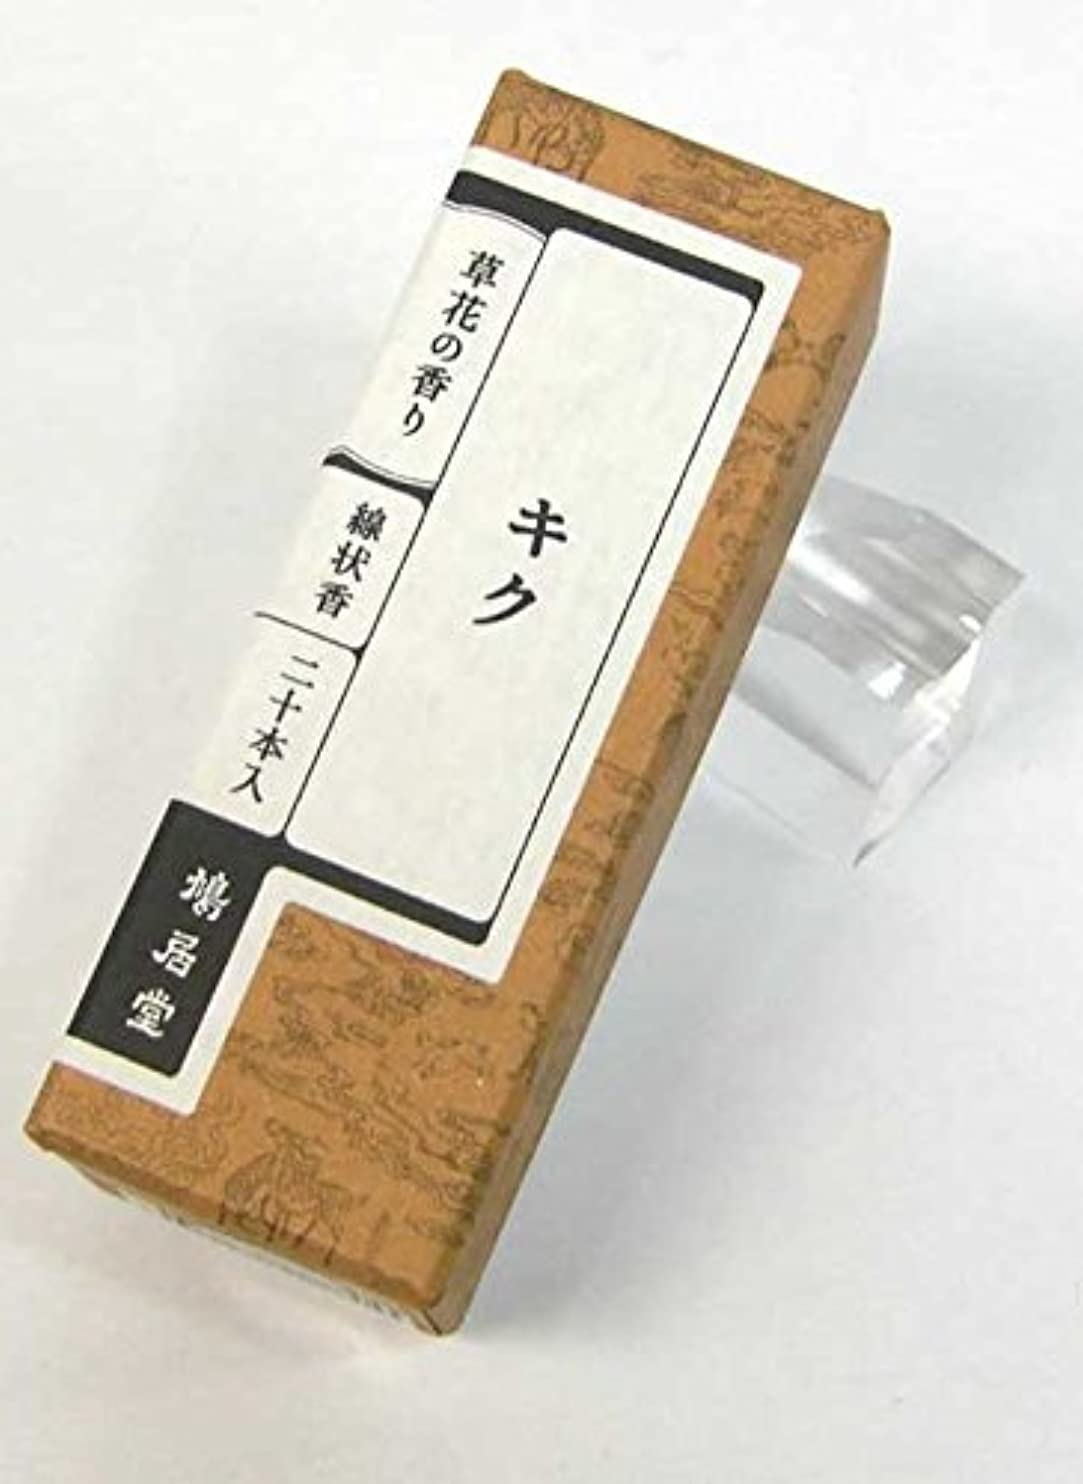 バーゲン好意的がっかりした鳩居堂 お香 菊/キク 草花の香りシリーズ スティックタイプ(棒状香)20本いり